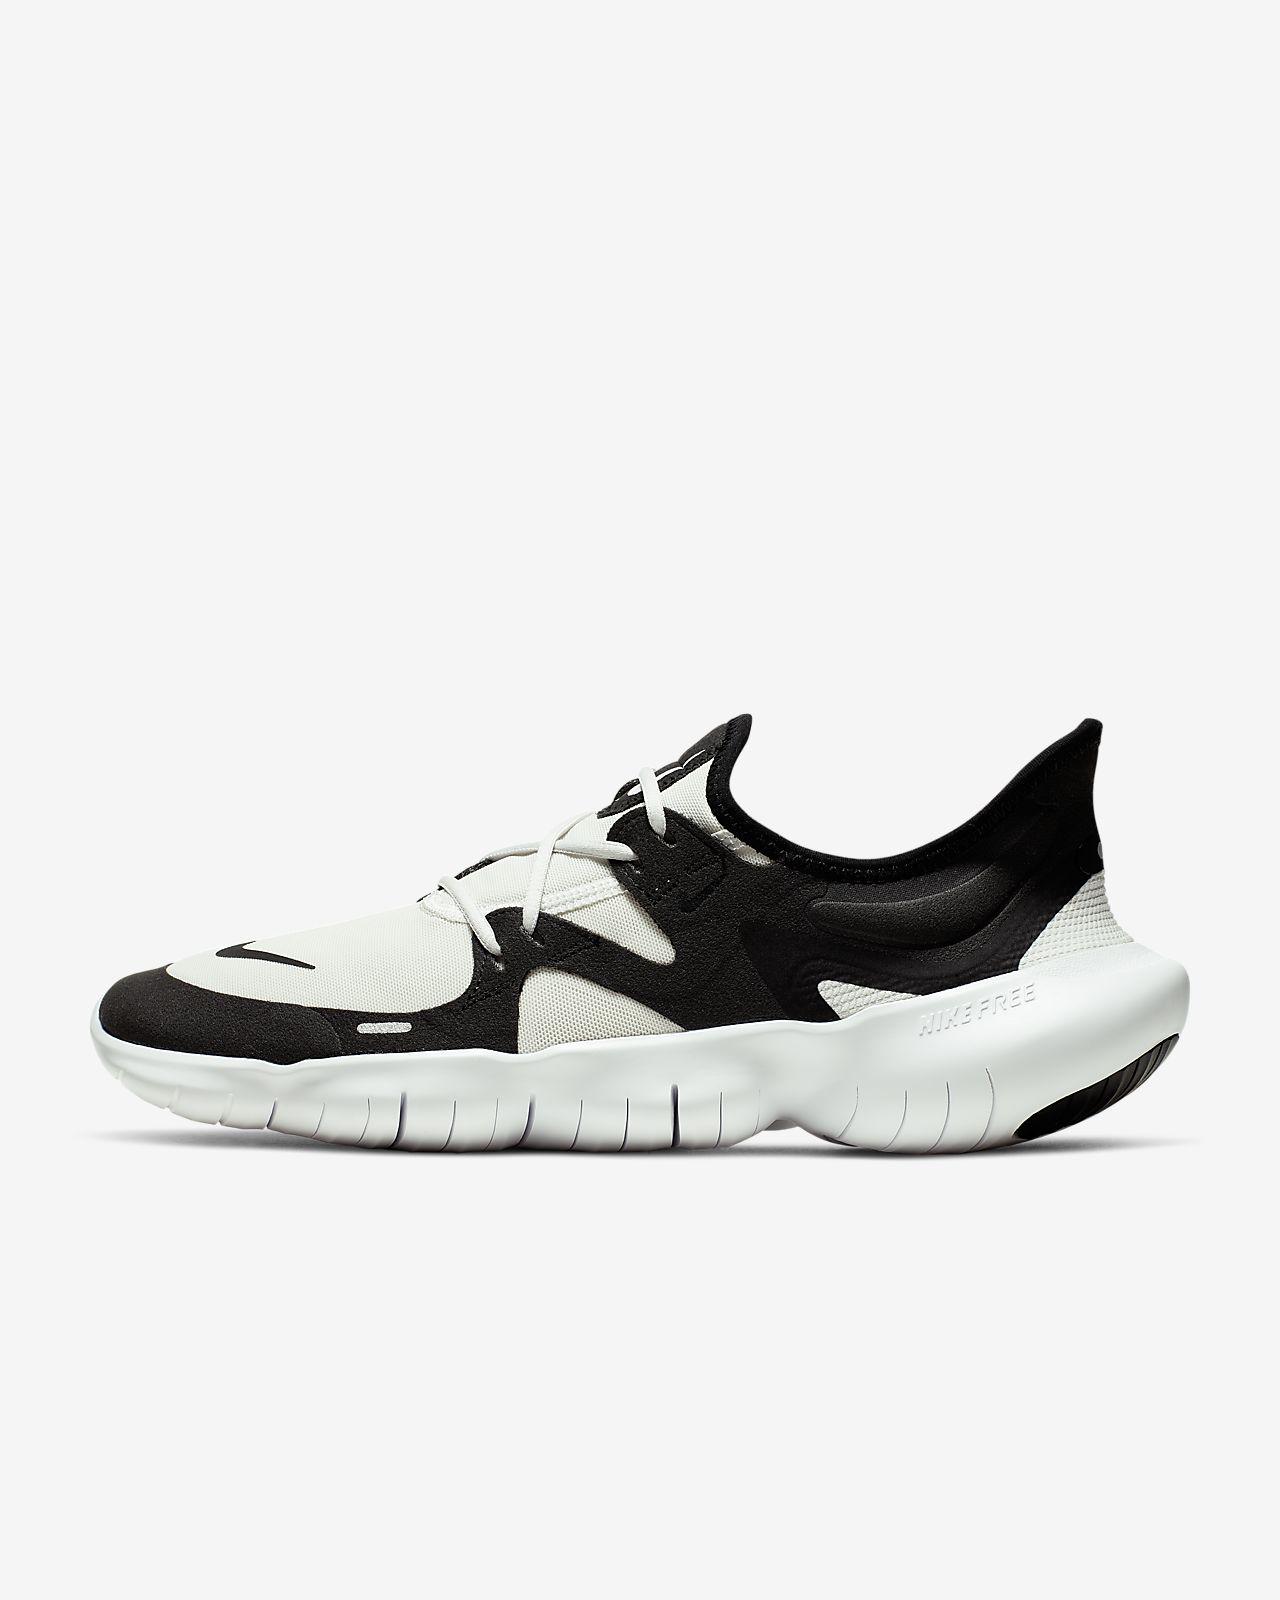 Мужские беговые кроссовки Nike Free RN 5.0